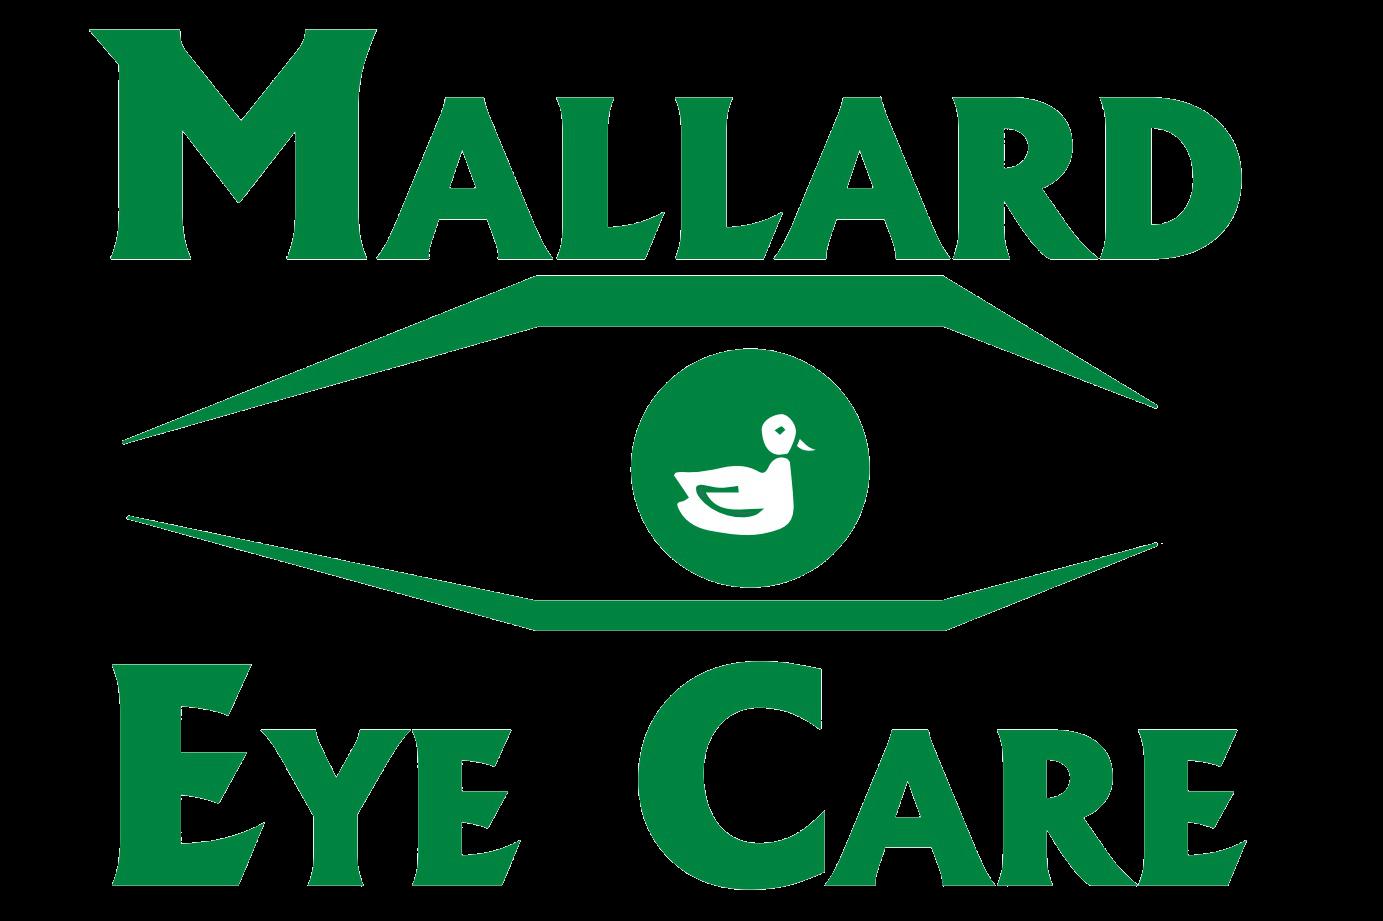 Mallard Eye Care